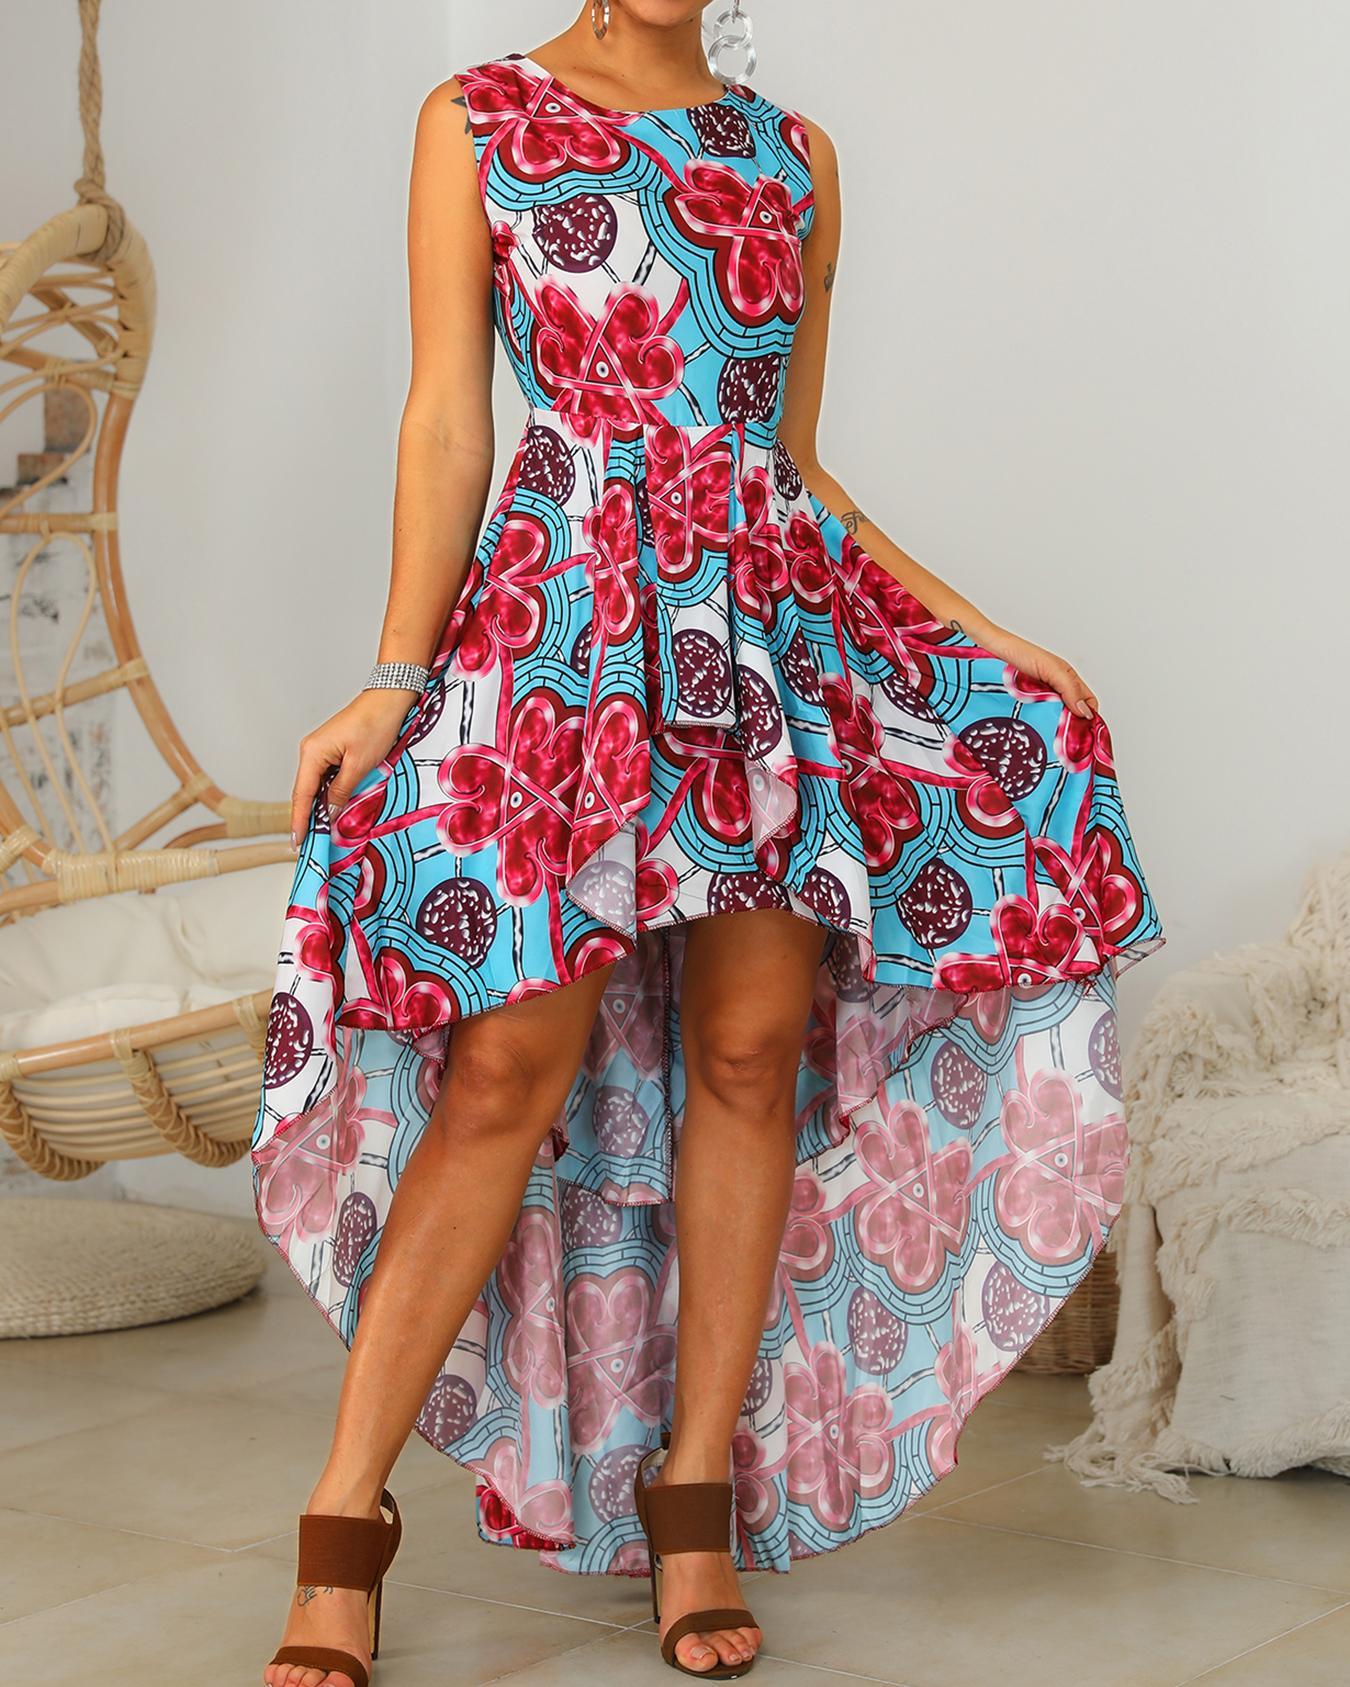 ivrose / Vestido estampado floral con dobladillo y dobladillo